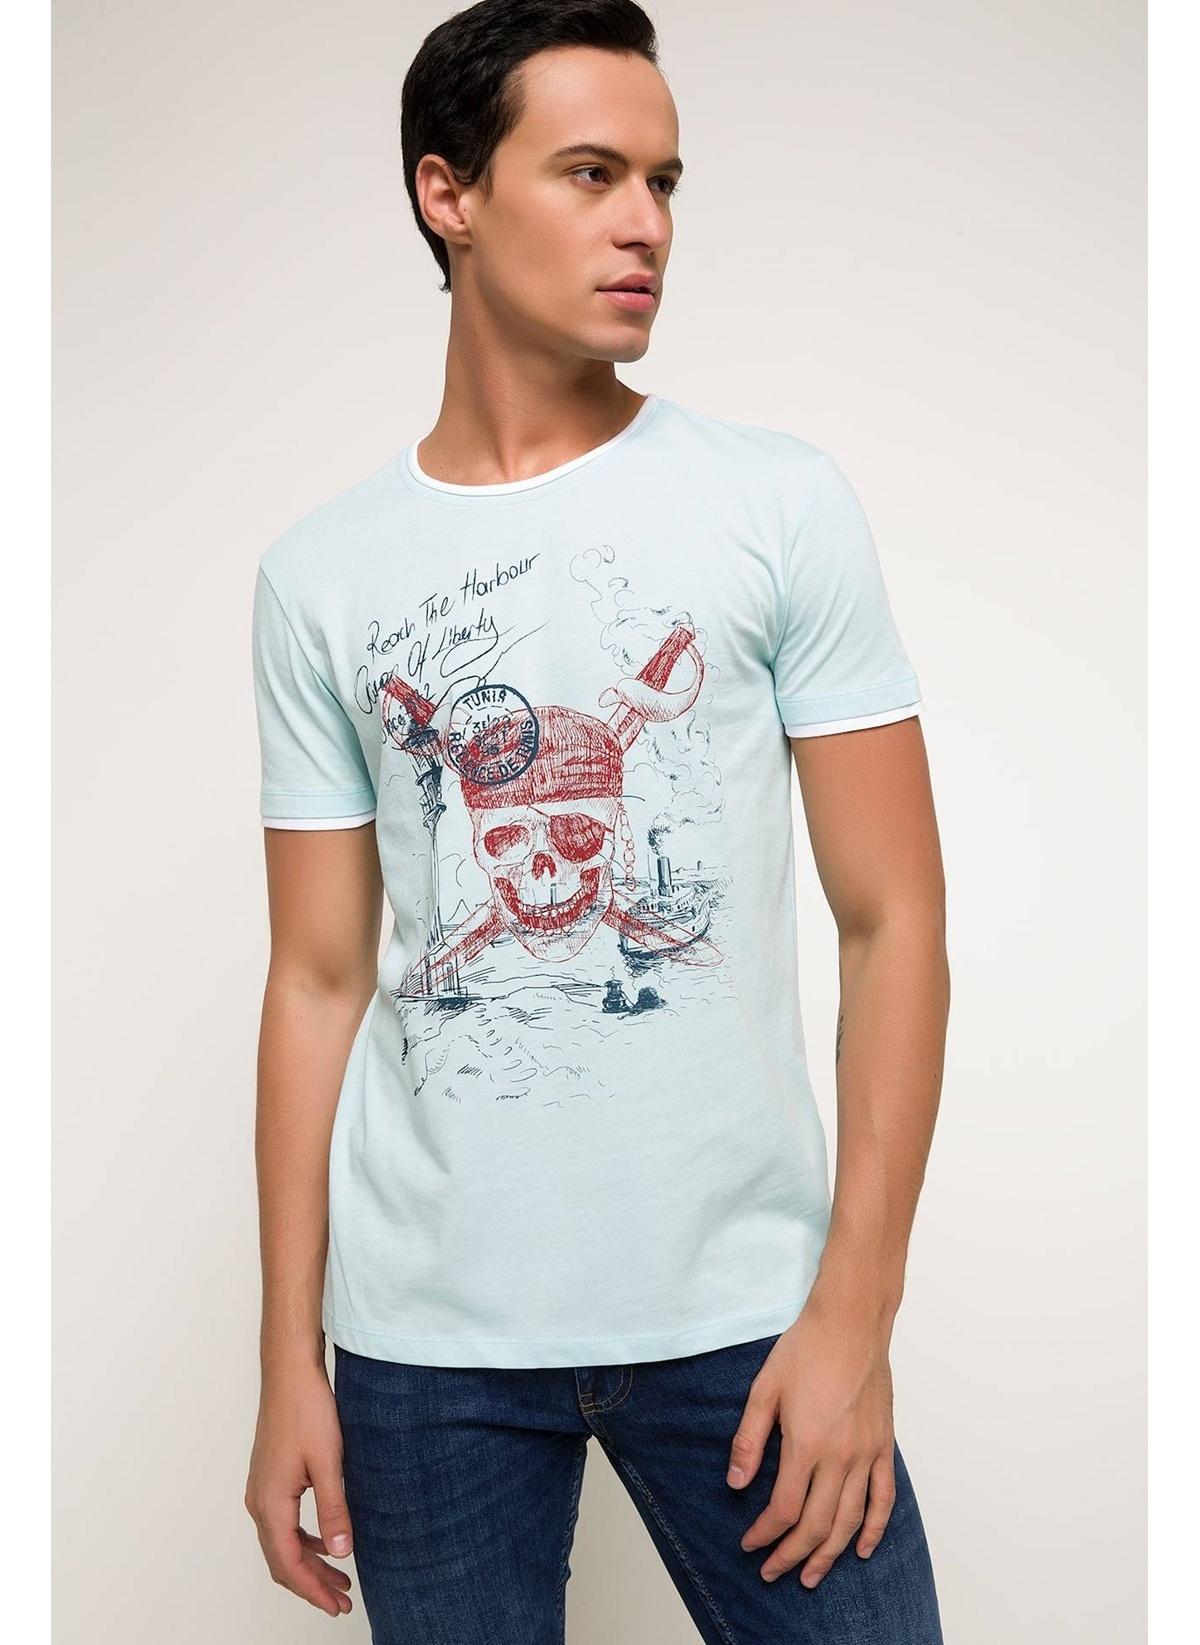 Defacto T-shirt I1535az18smtr177t-shirt – 24.99 TL